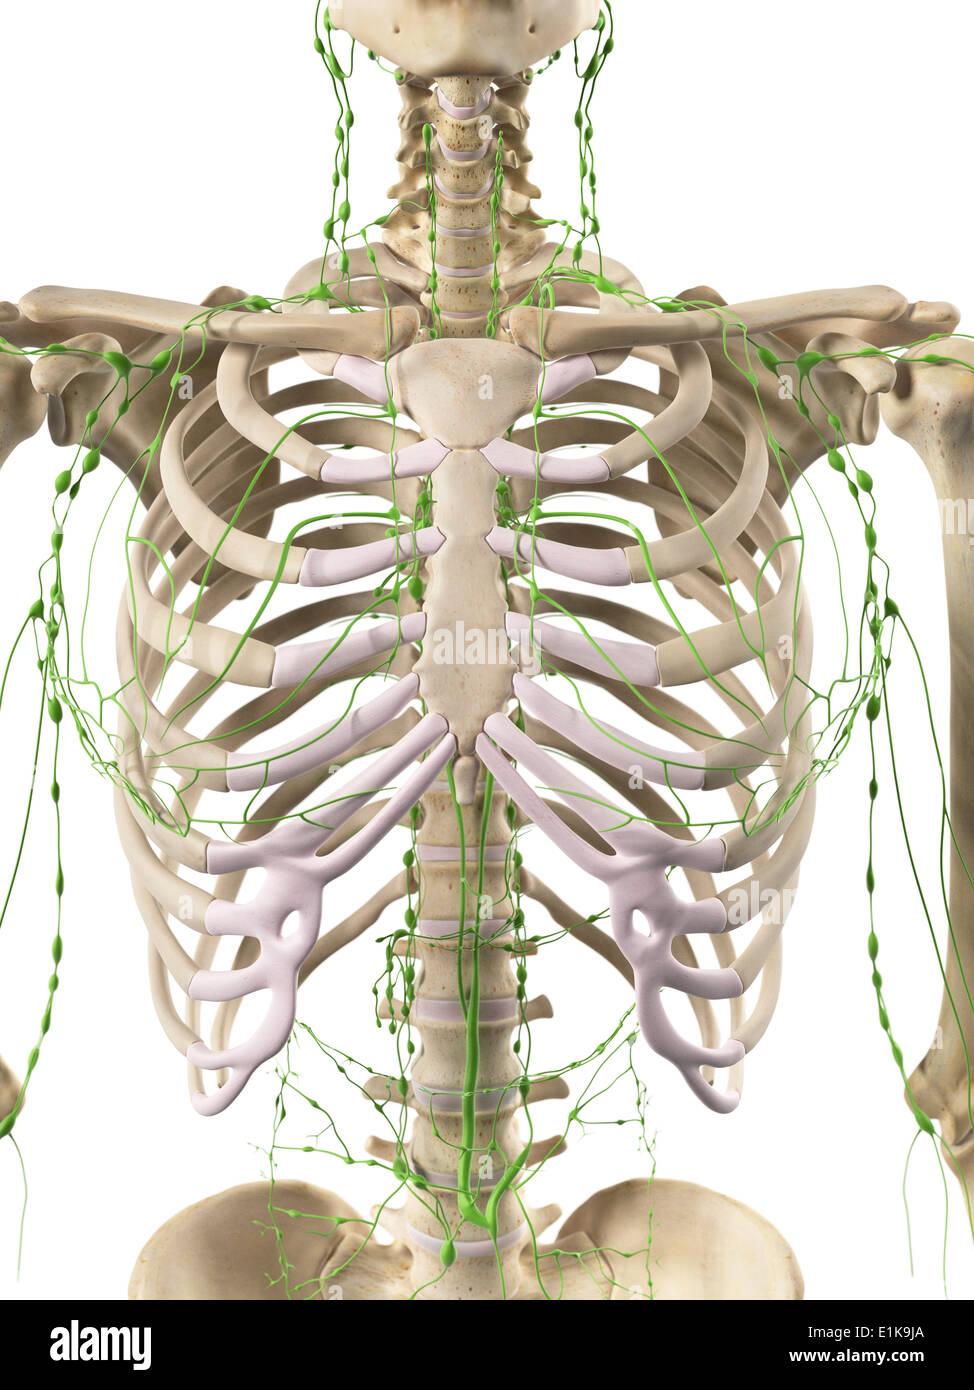 Erfreut Gekennzeichnet Diagramm Des Lymphsystems Zeitgenössisch ...